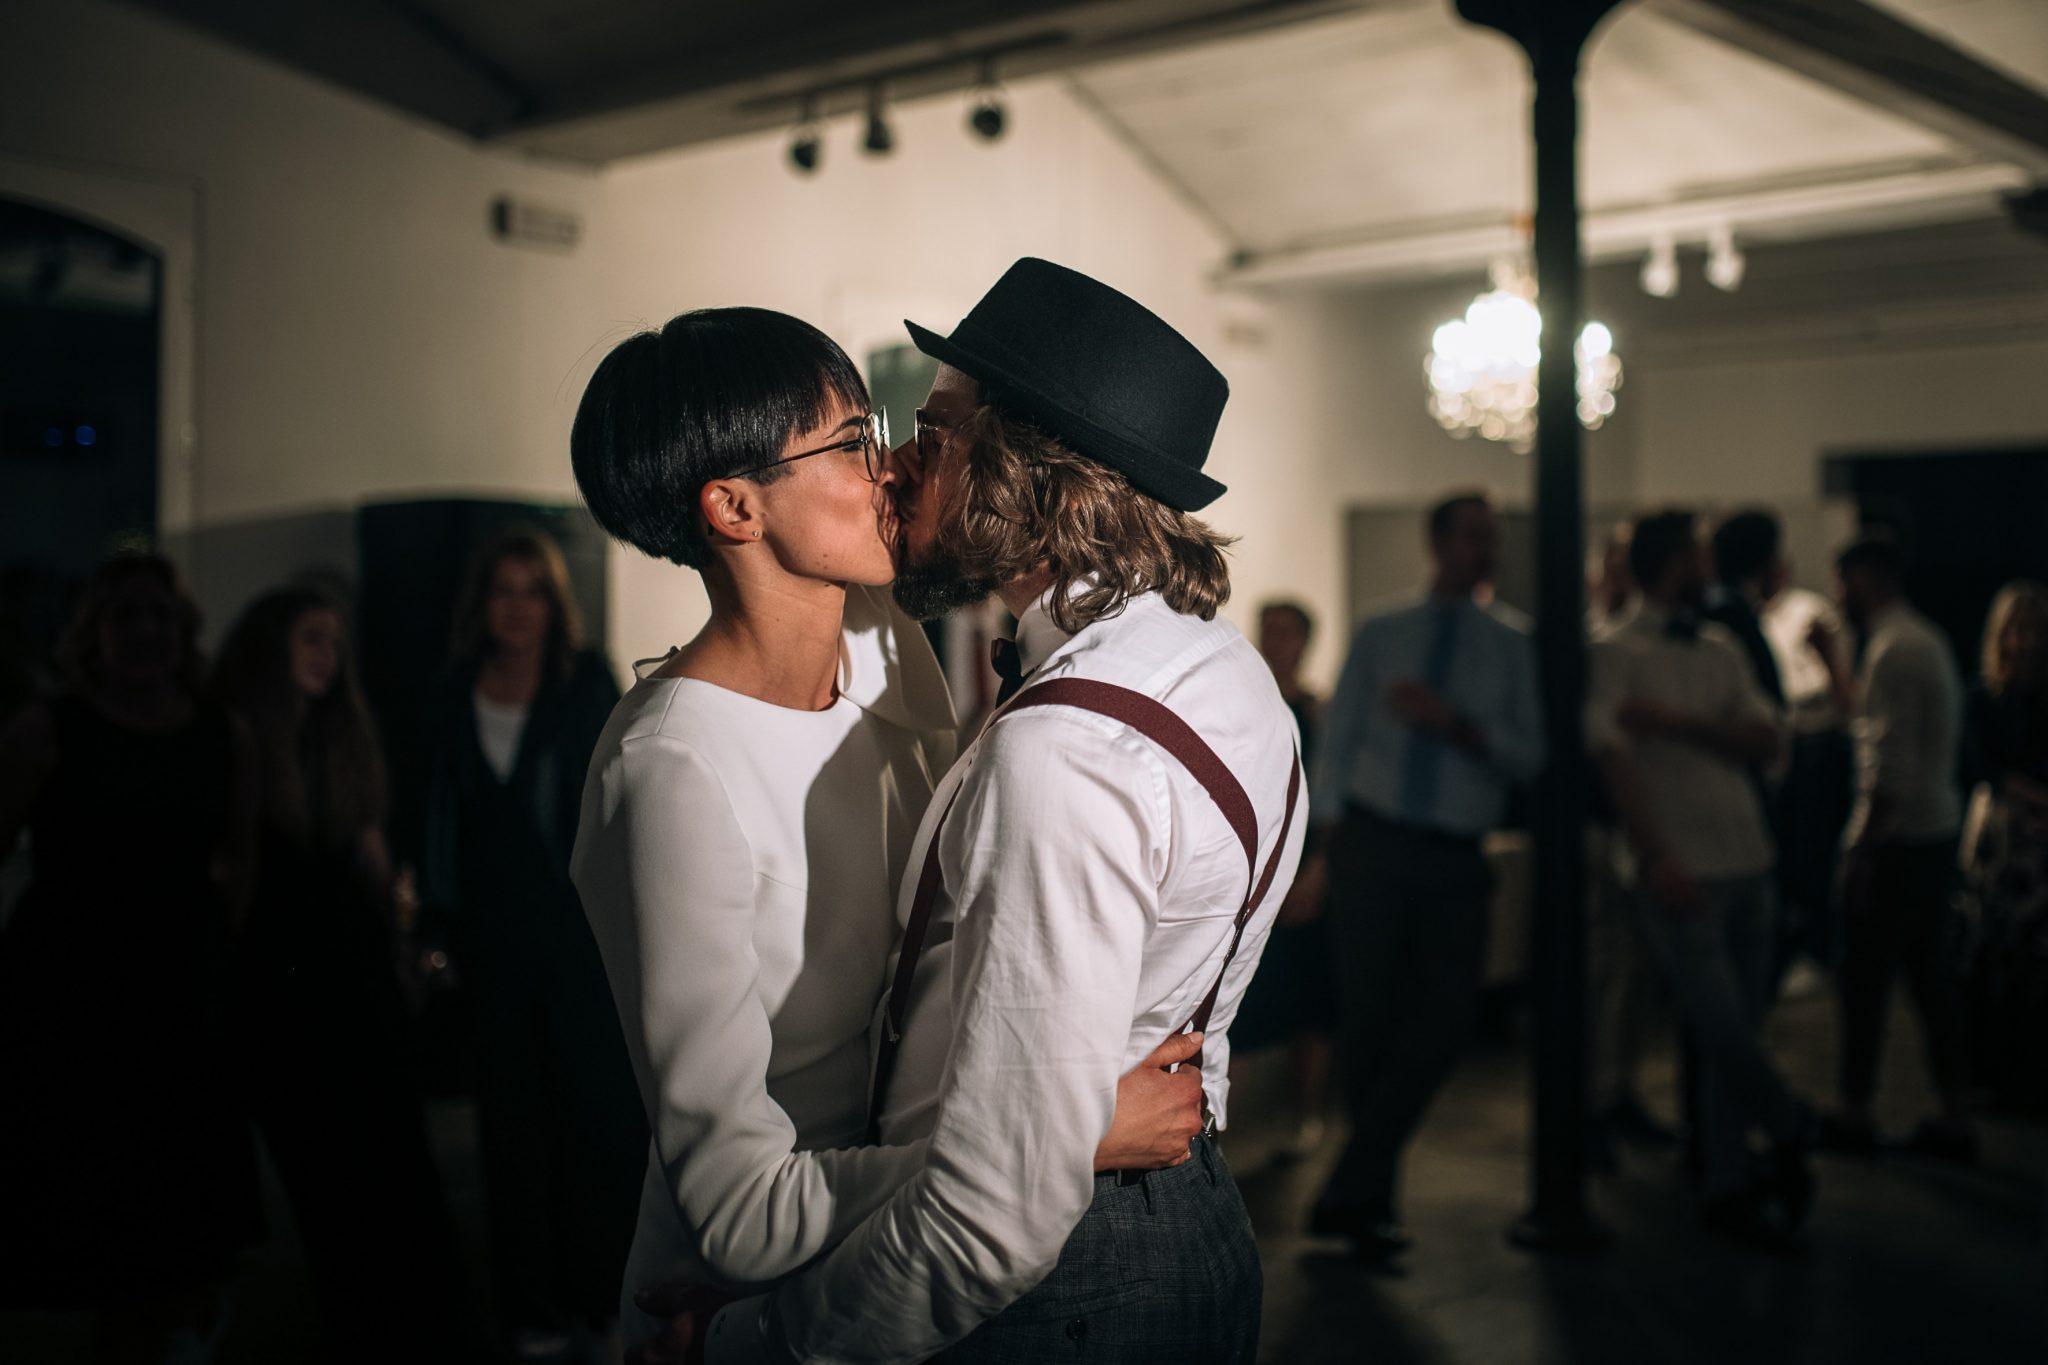 il bacio tra gli sposi nella pista da ballo in mezzo agli invitati